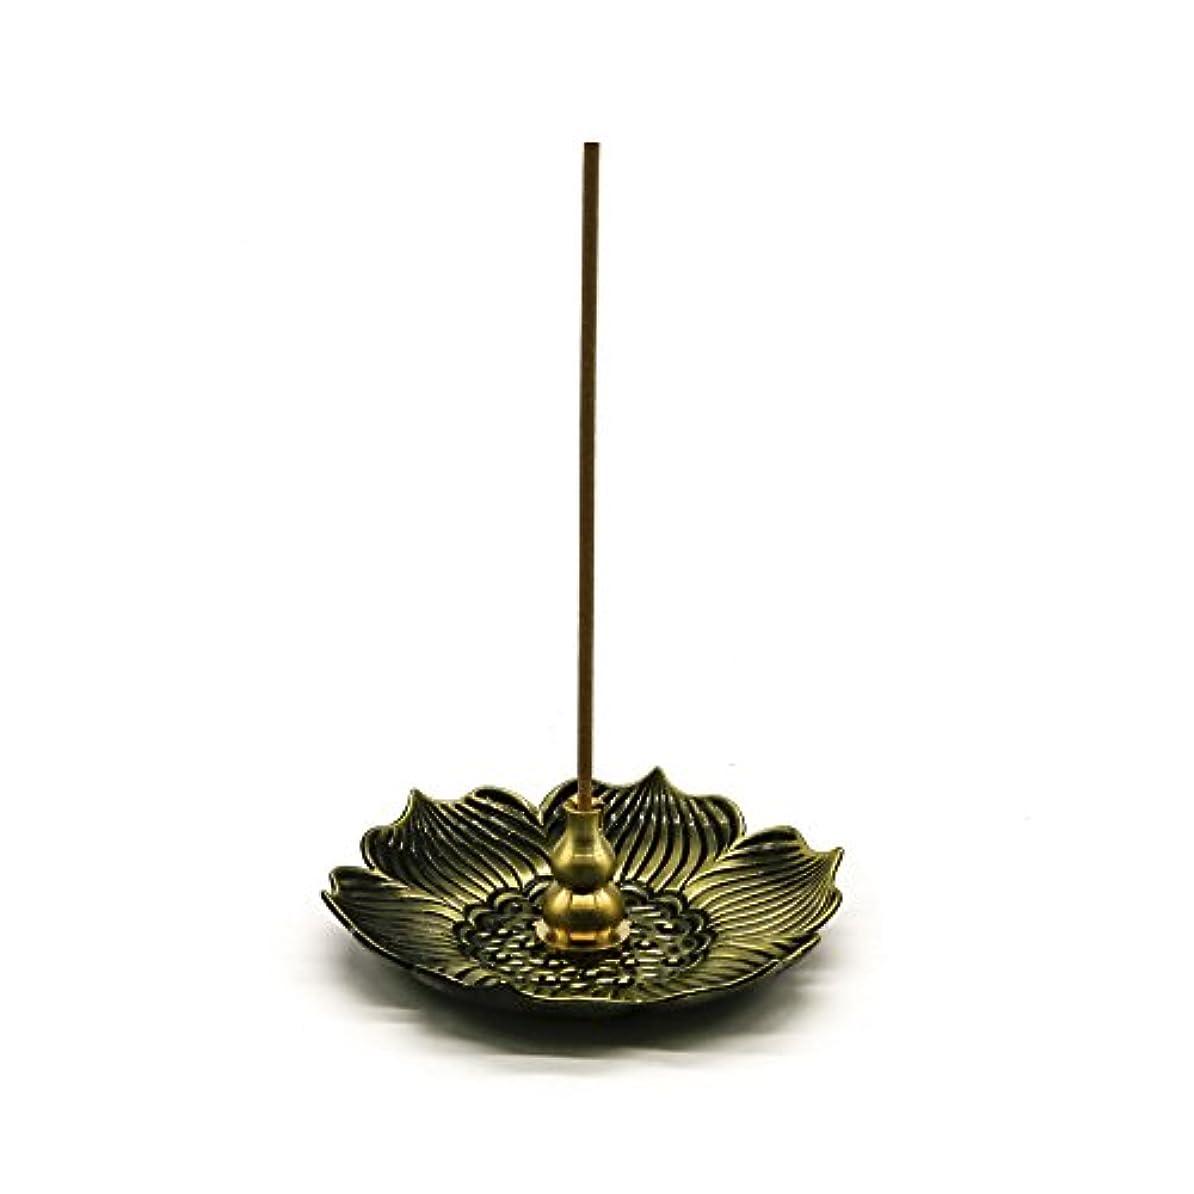 推進、動かすビジター誕生omonicブロンズLotus Dish Stick Incense Burnerホルダー(スティック/コーン/コイルIncense )アロマセラピー炉Diffuser forホームインテリア